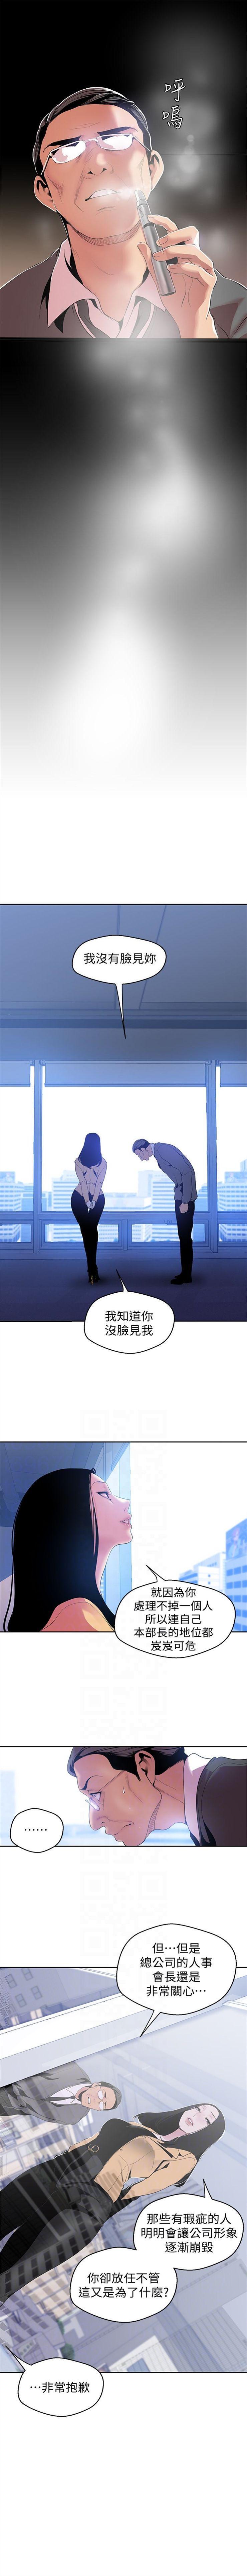 美麗新世界 1-85 官方中文(連載中) 436